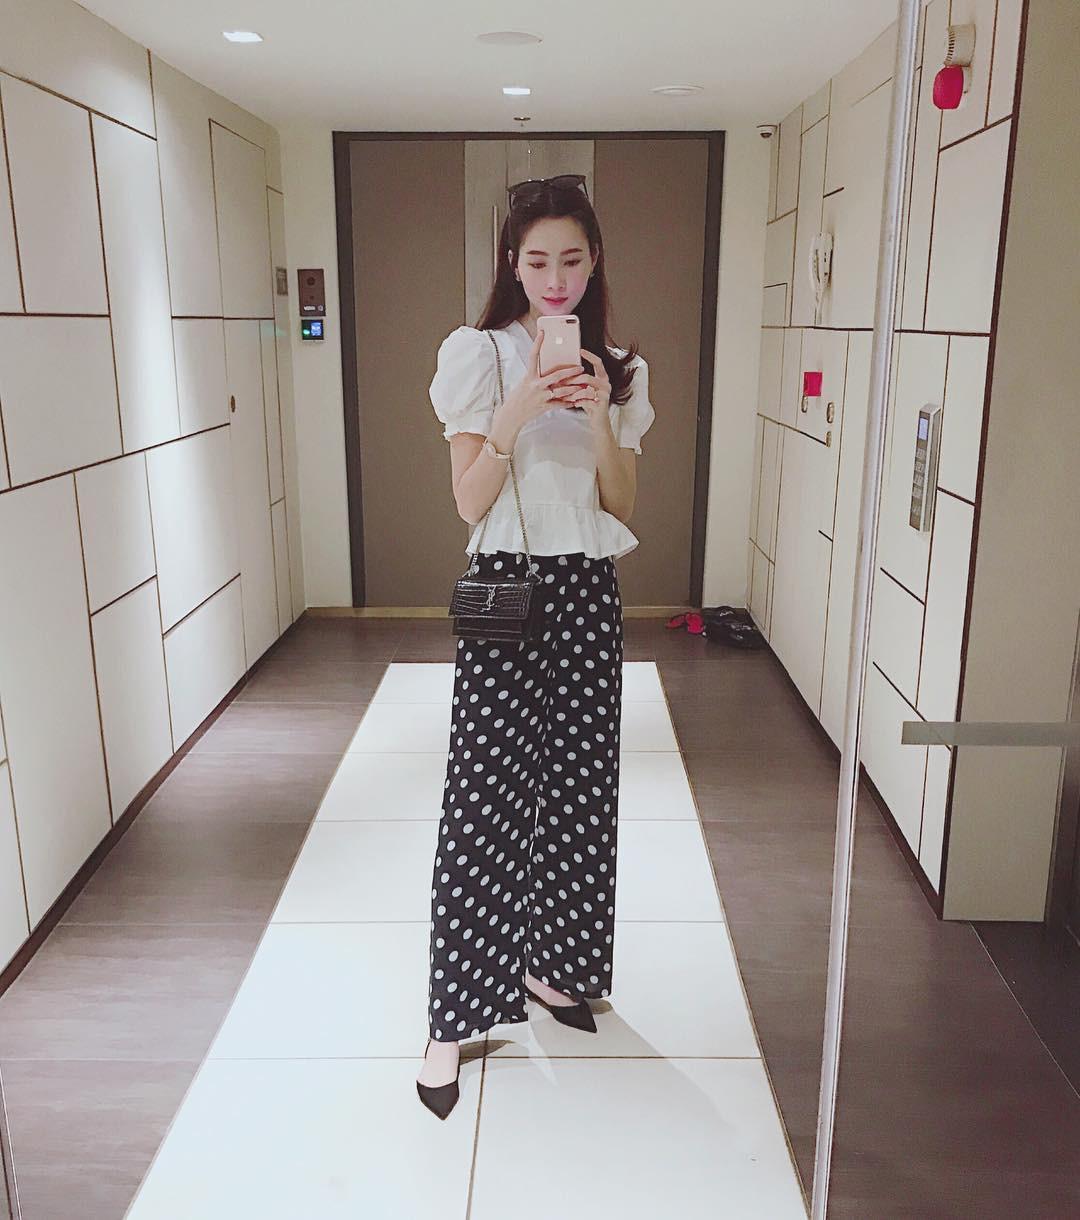 Thu Thảo đăng ảnh mới, nhưng fan lại để ý đến chiếc quần mà cô đã từng mặc cách đây 1 tháng  - Ảnh 1.